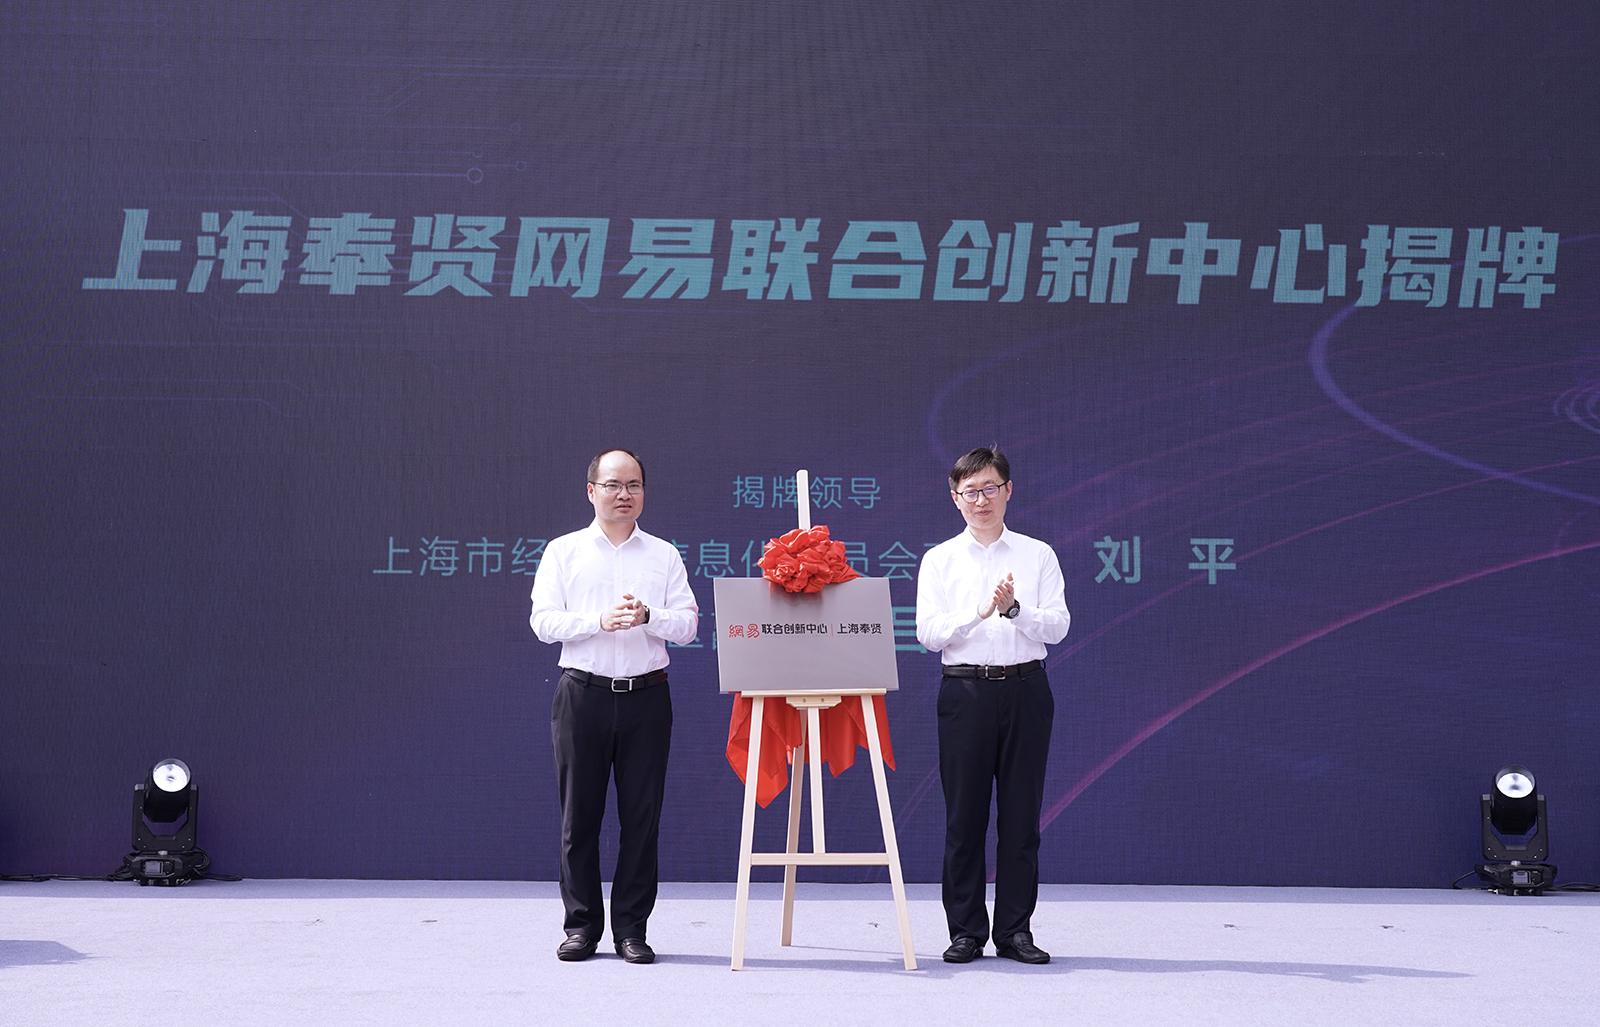 网易上海奉贤联合创新中心项目揭牌